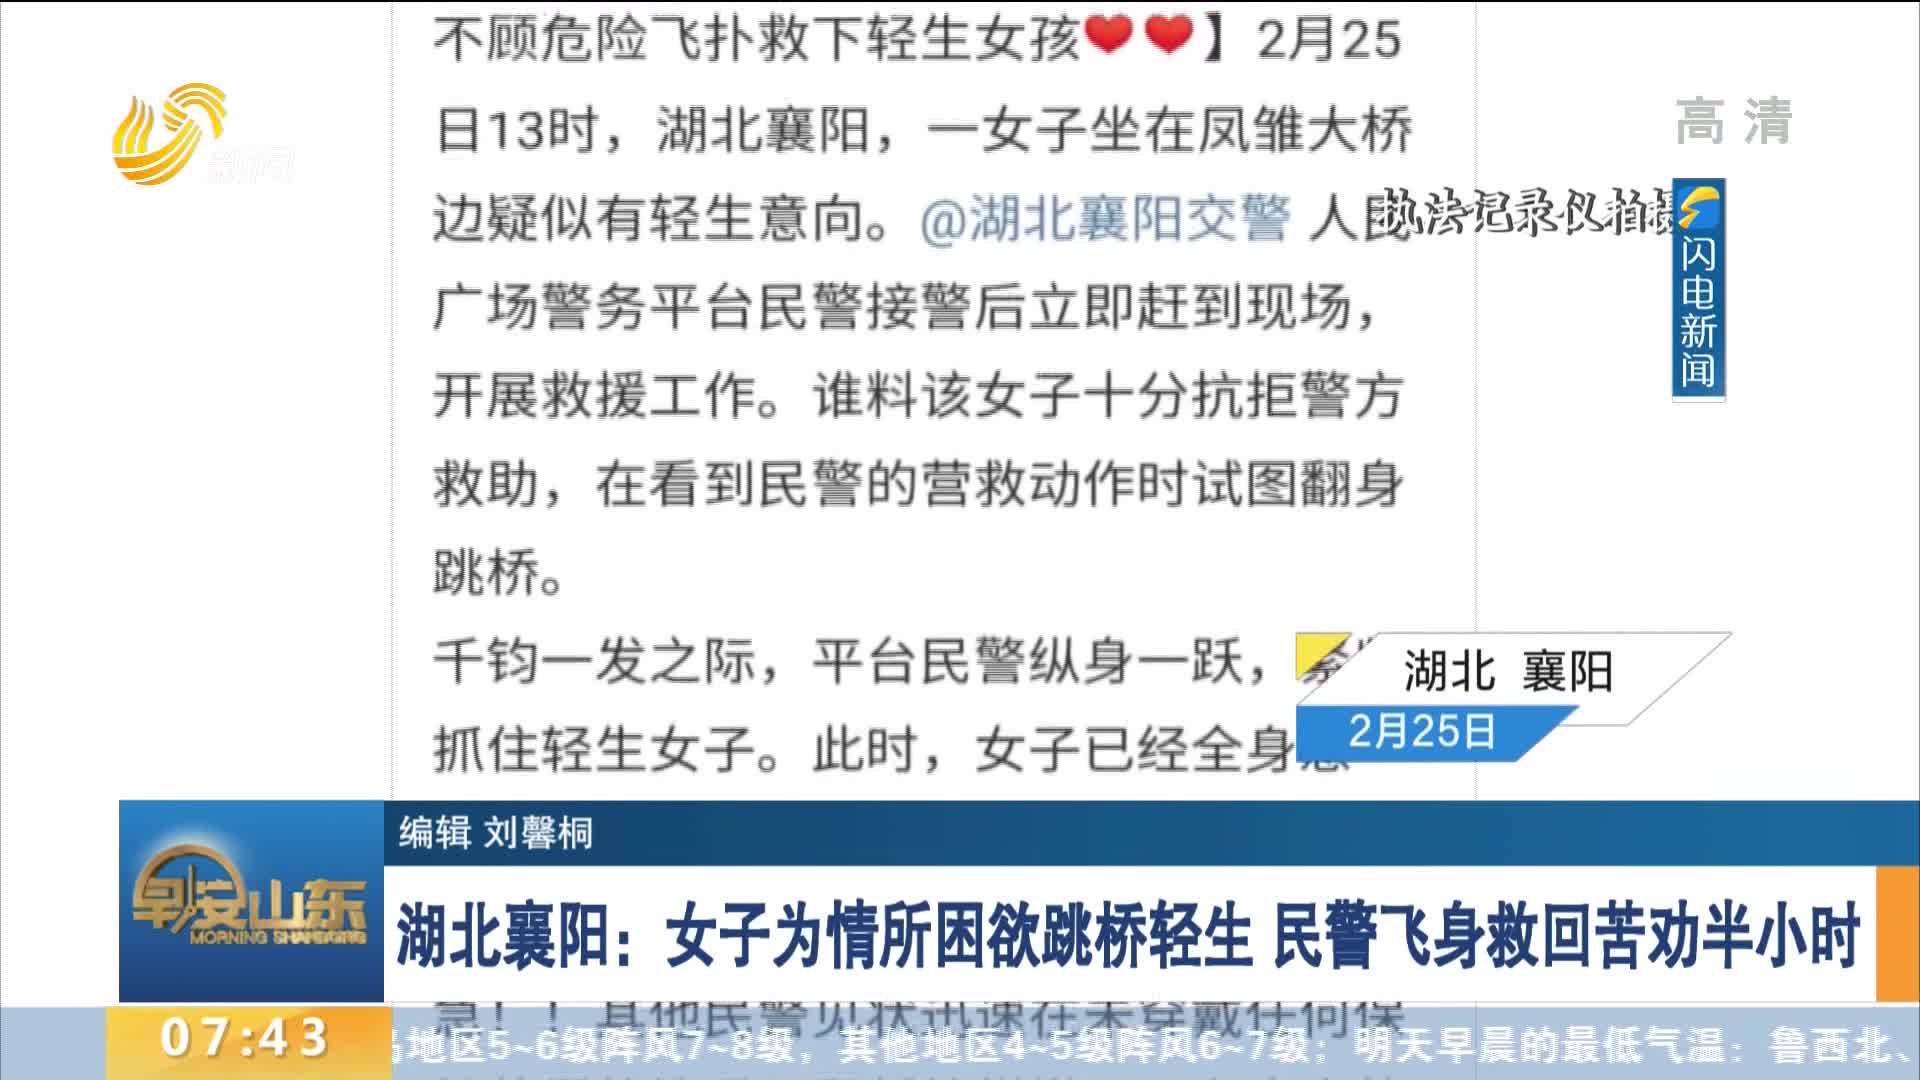 湖北襄阳:女子为情所困欲跳桥轻生 民警飞身救回苦劝半小时